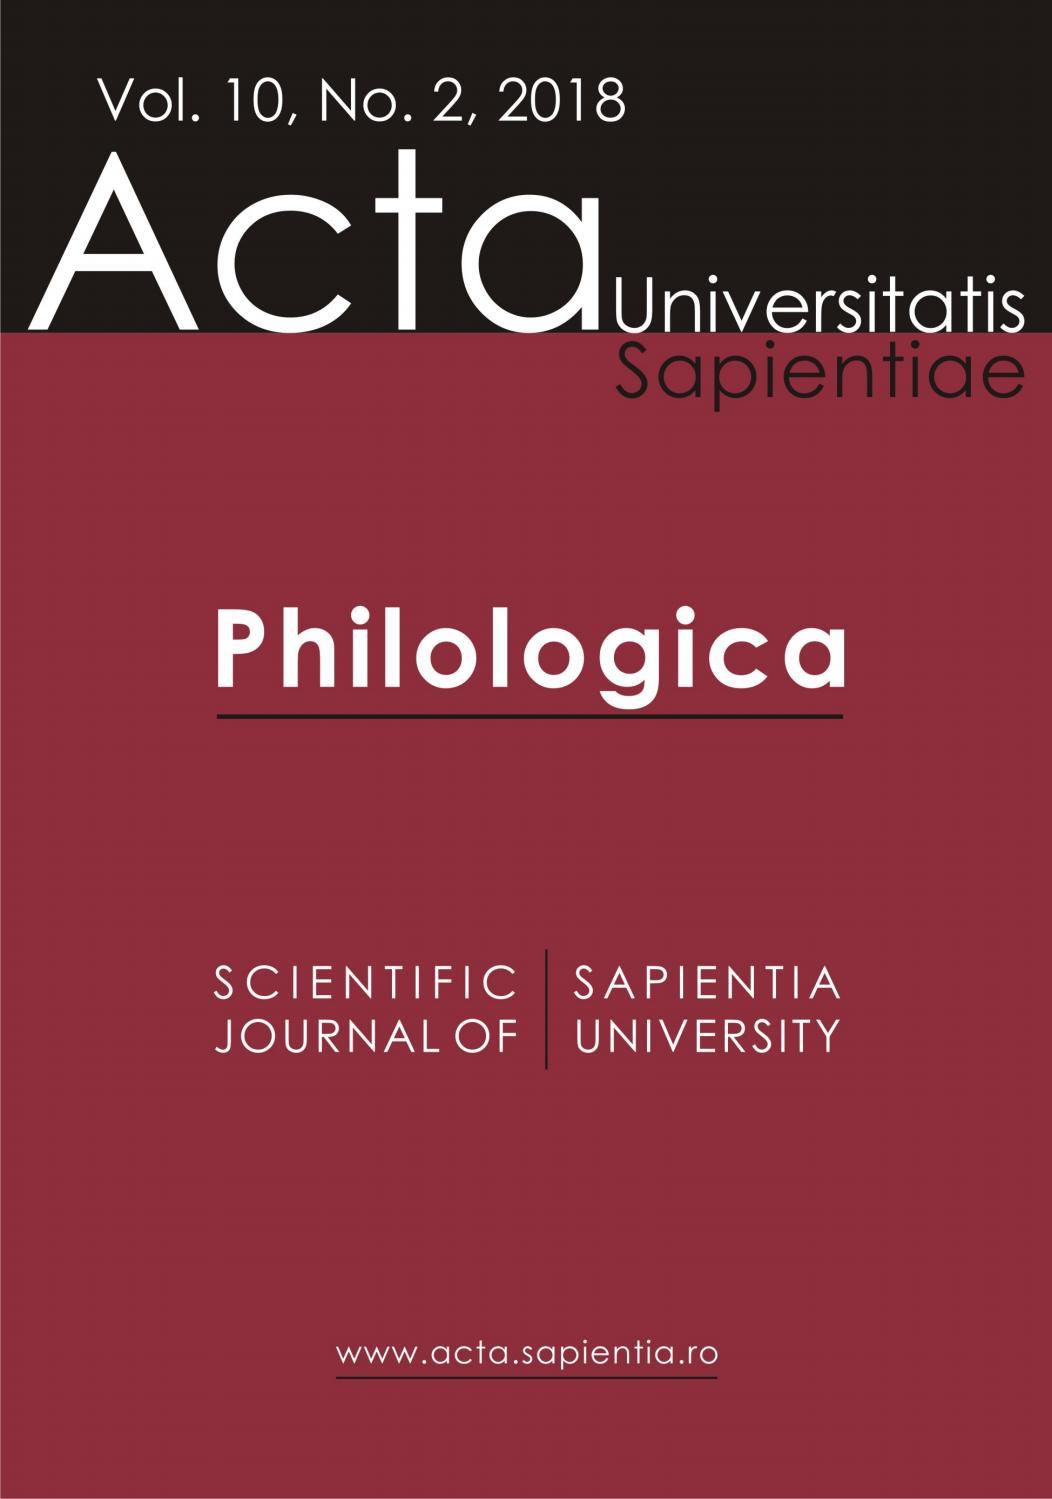 Philologica Vol 10 No 2 2018 By Acta Universitatis Sapientiae